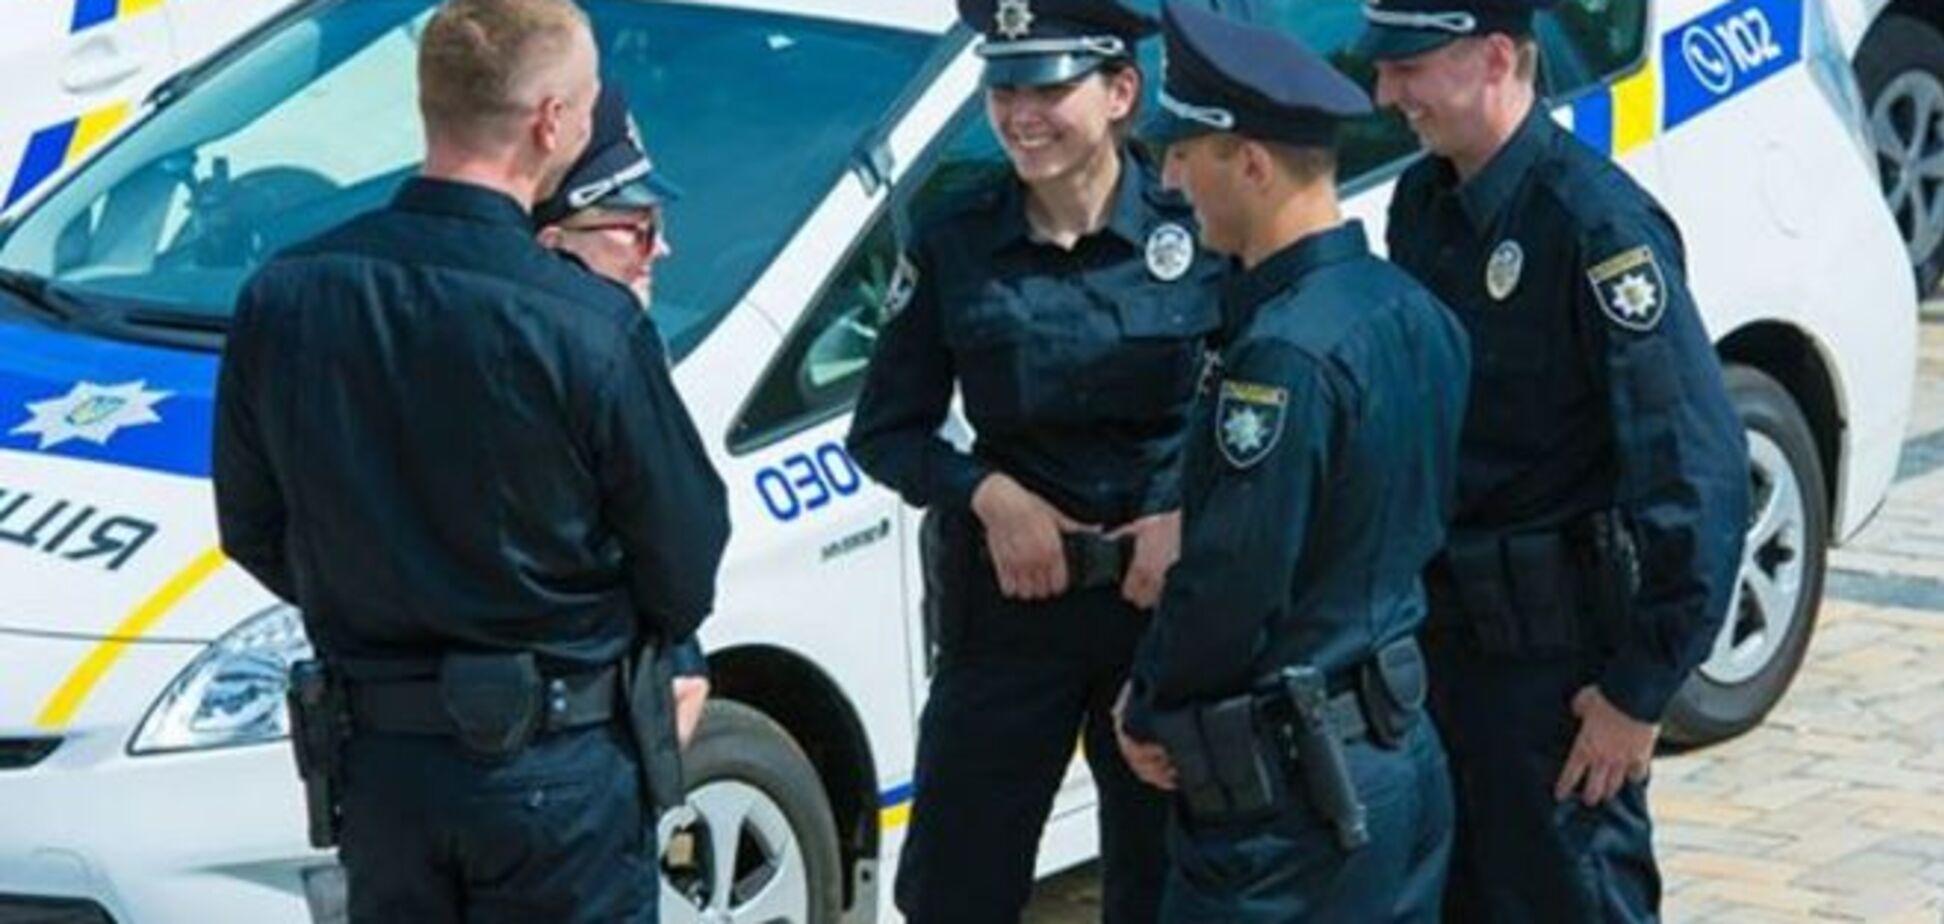 Бесстрашные и неподкупные: новые полицейские оштрафовали нардепа и прокурора